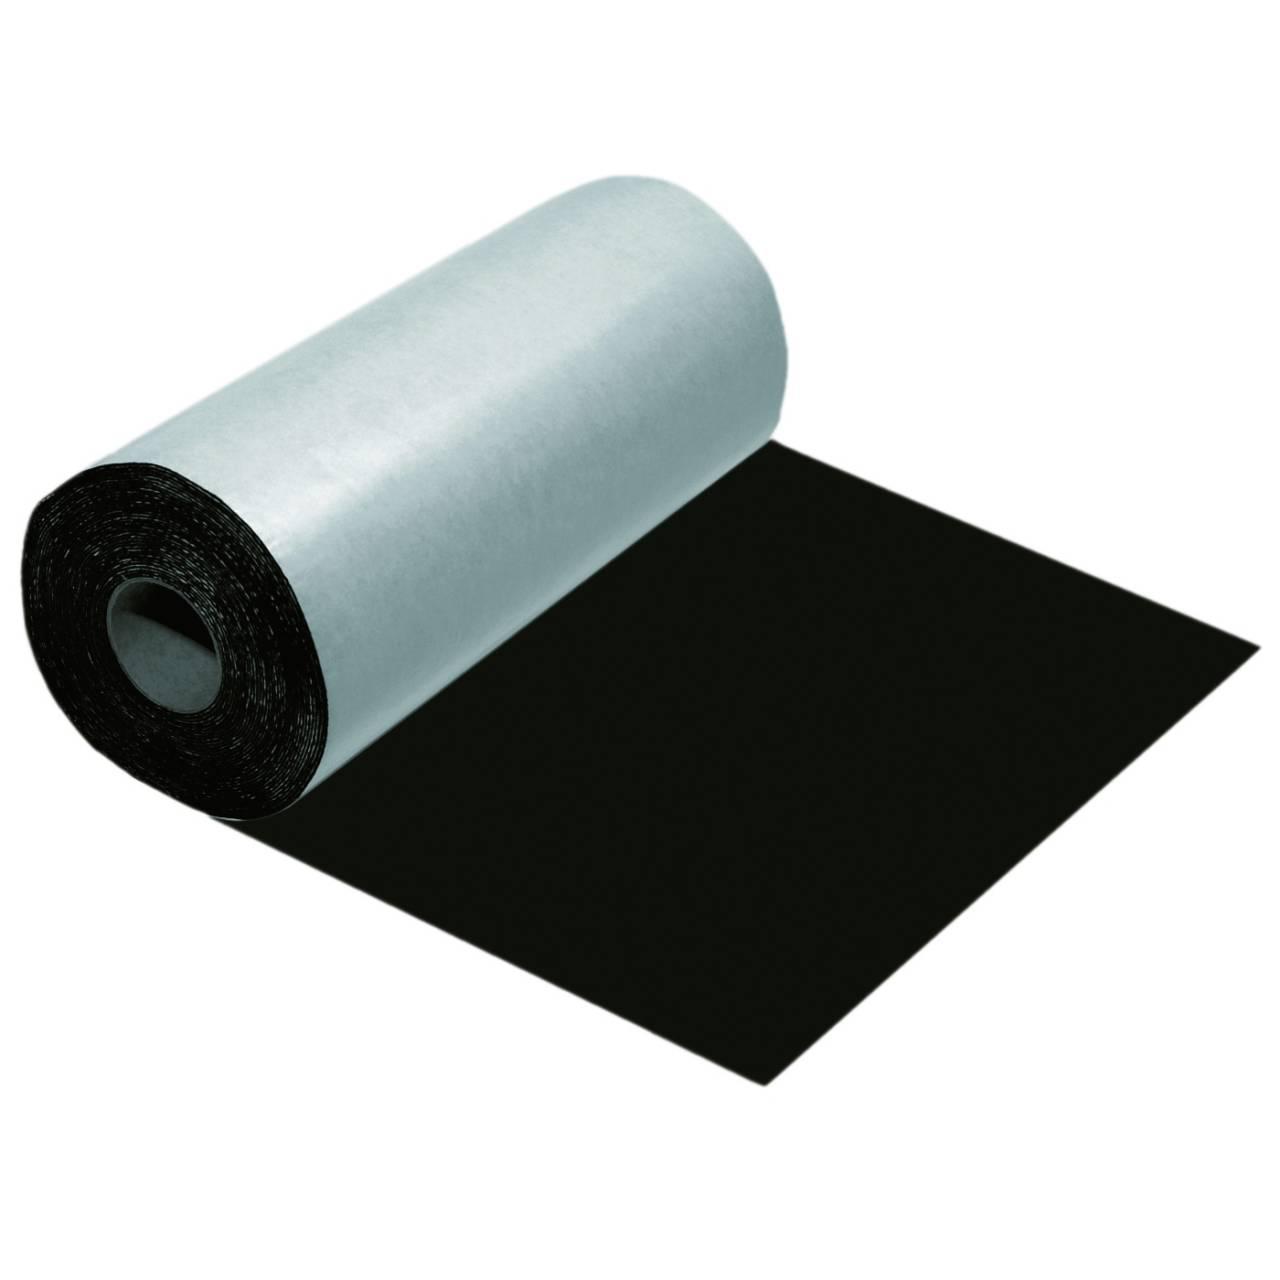 Bituplast®-AW Abdichtband 50 mm x 20 m / Krt a 12 Rollen